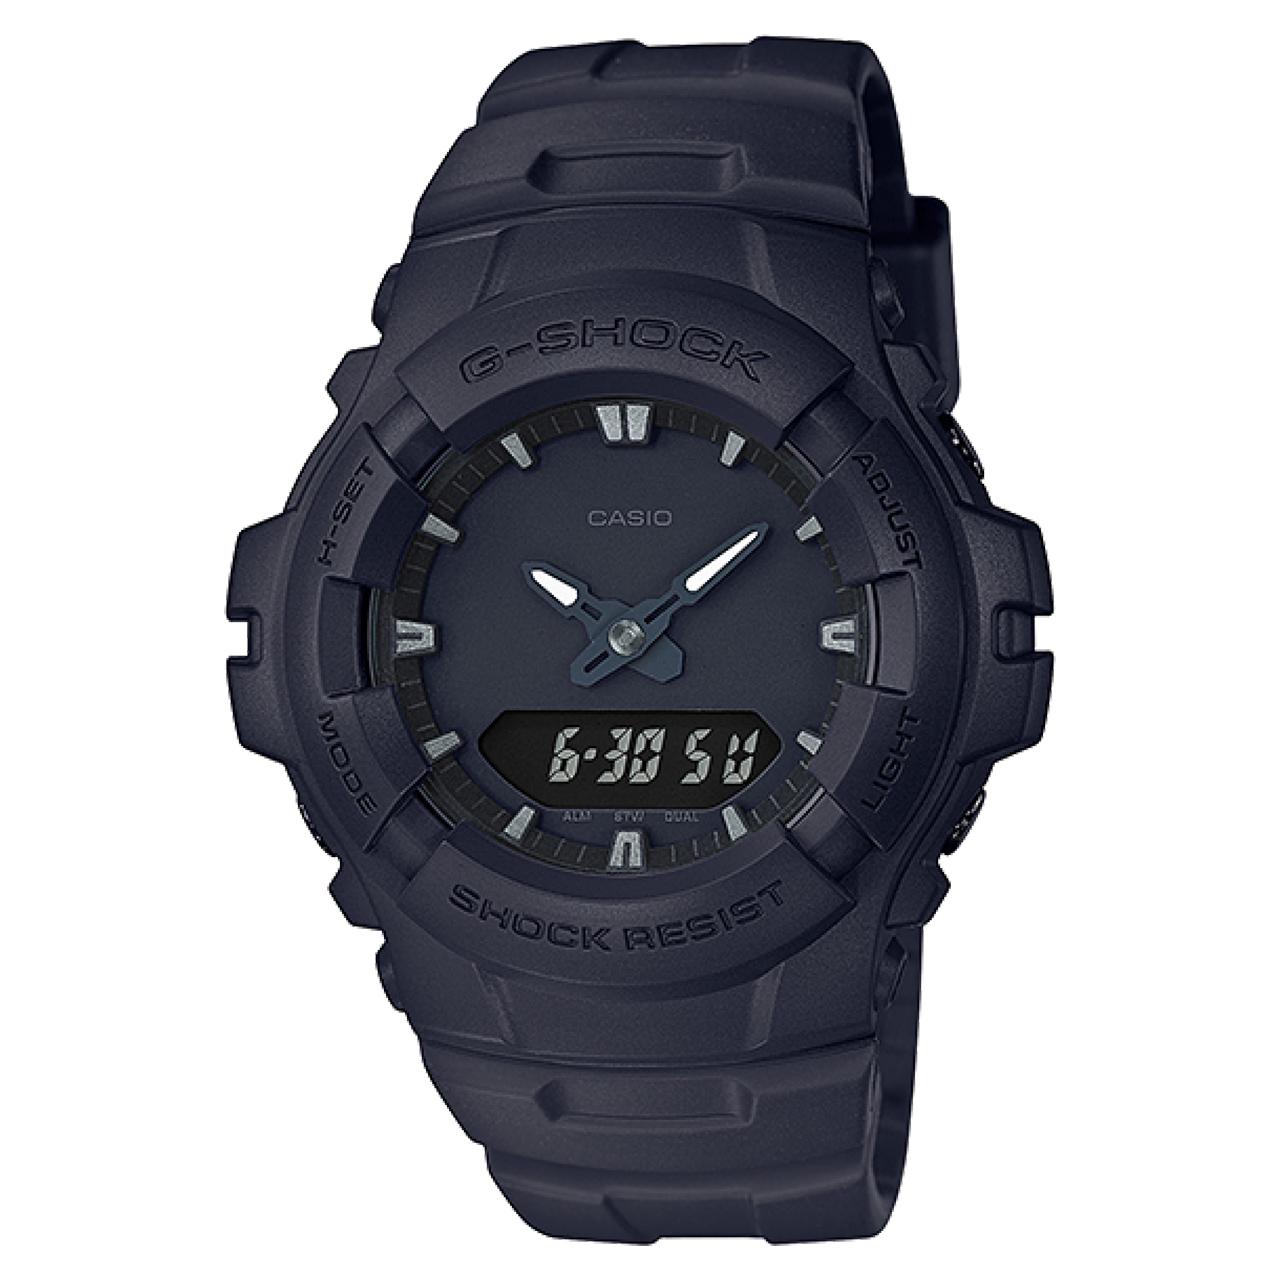 ساعت مچی عقربه ای مردانه کاسیو مدل G-100BB-1ADR